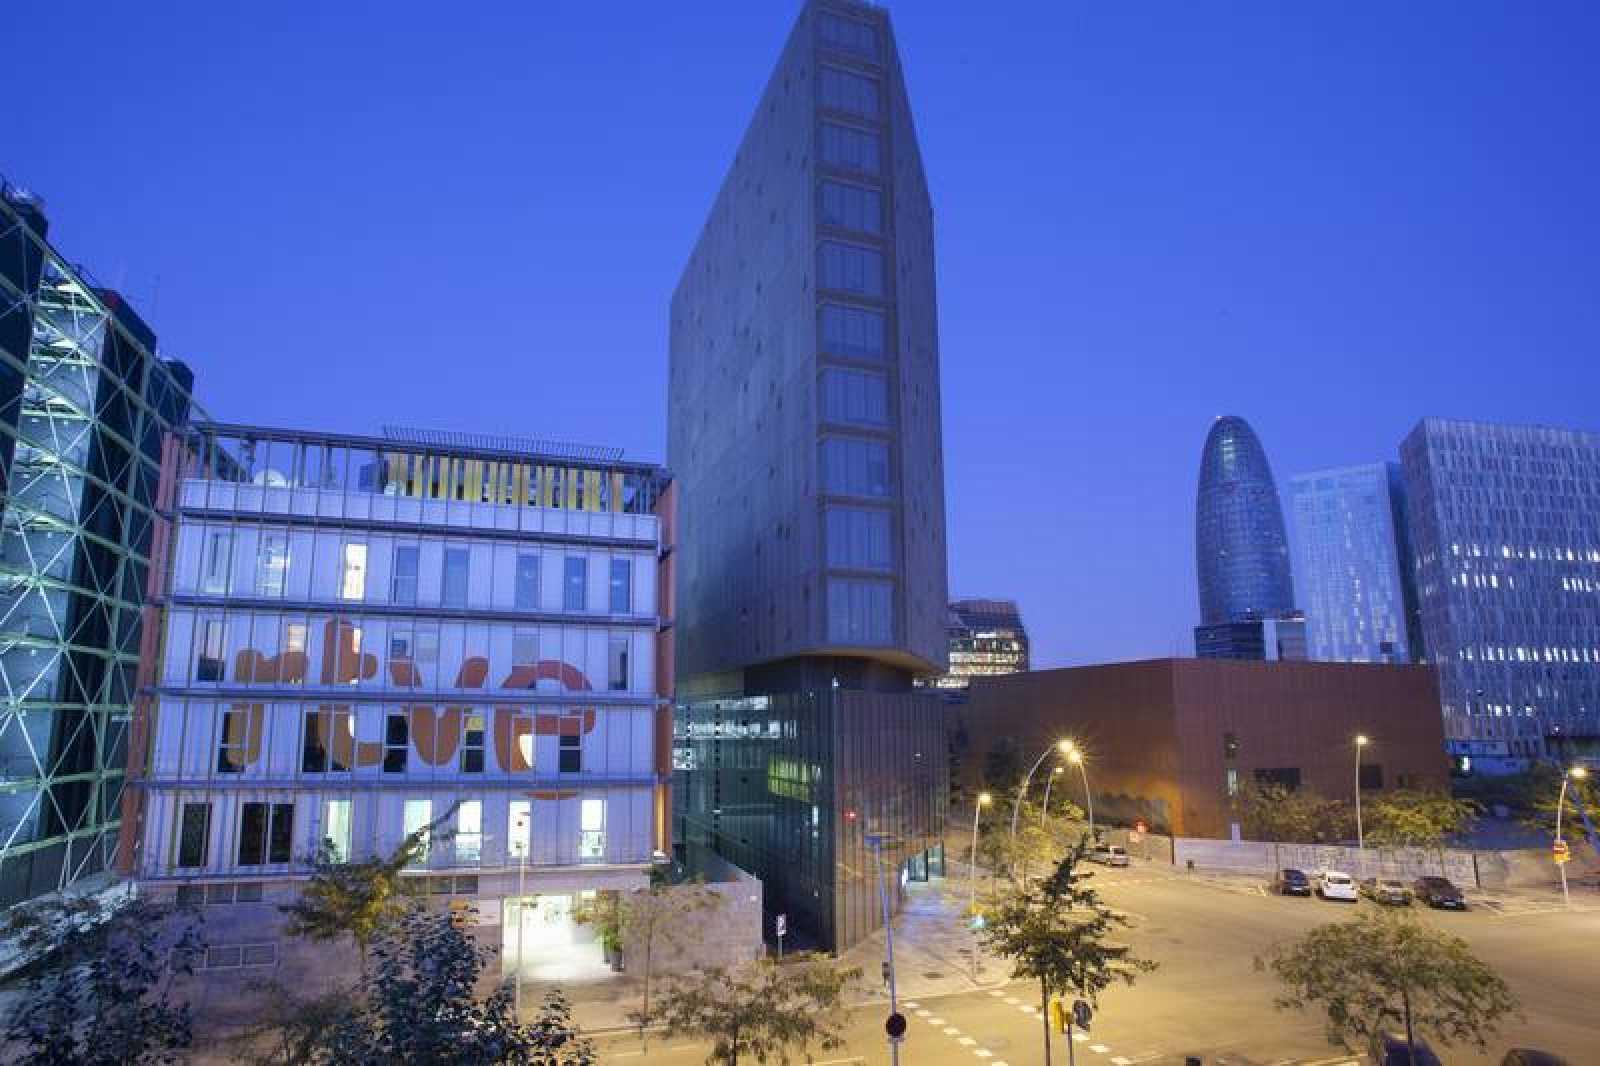 Club Dante - 'L'arquitectura com a font d'inspiració literària' amb Judith Urbano